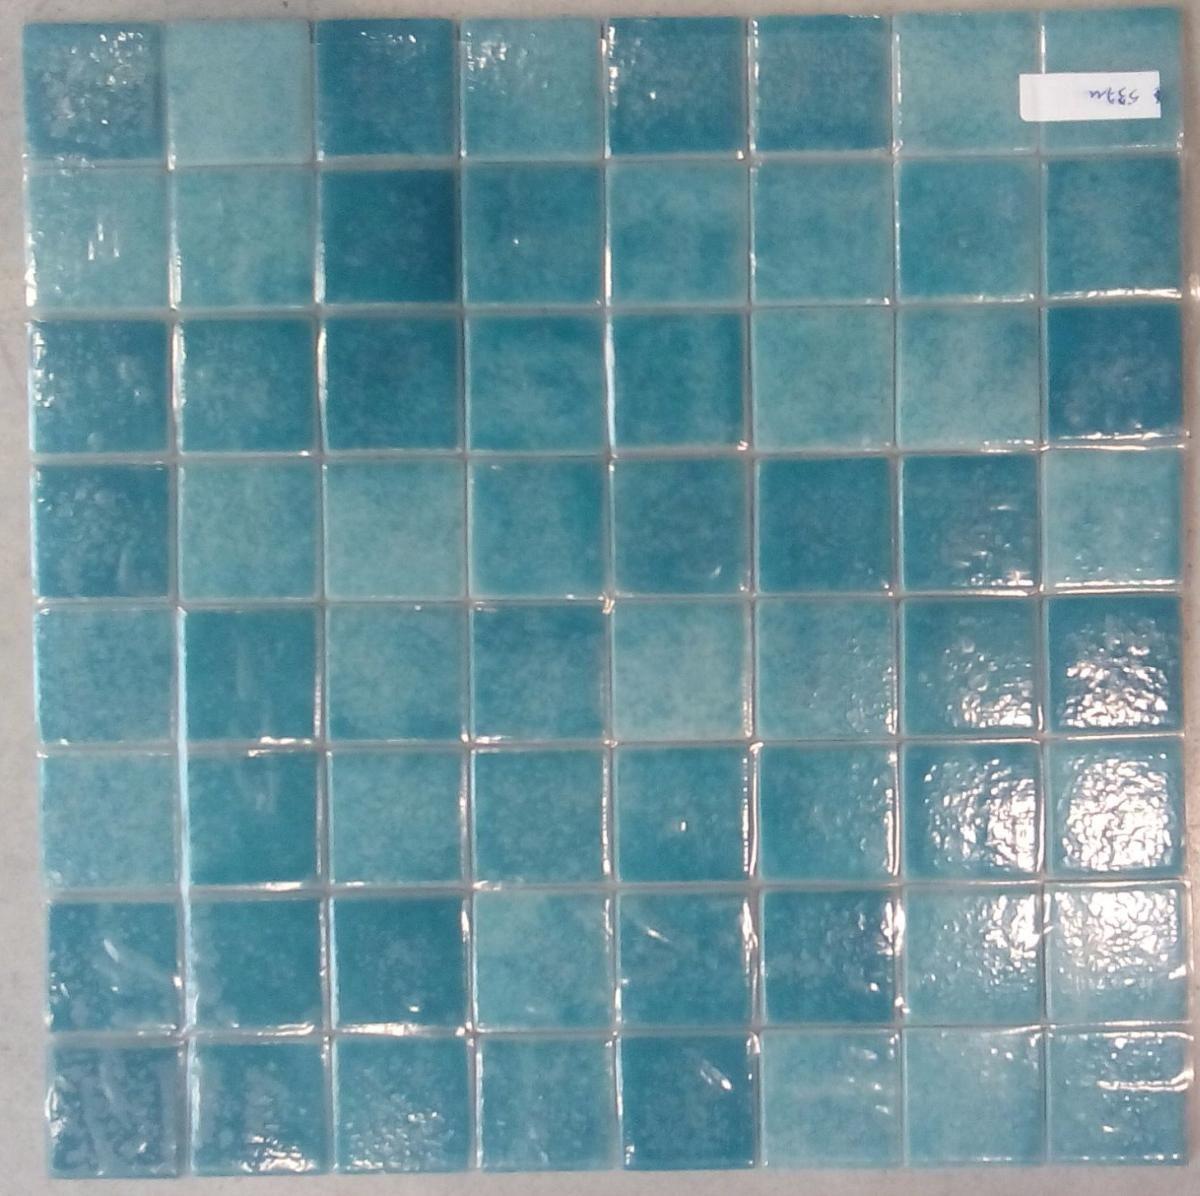 Mosaique Carrelage Vert Turquoise Mouche 4 Cm Par Plaque Achat Mosaique Carrelage Salle De Bain Carrelage Carrelage Salle De Bain Idees Salle De Bain